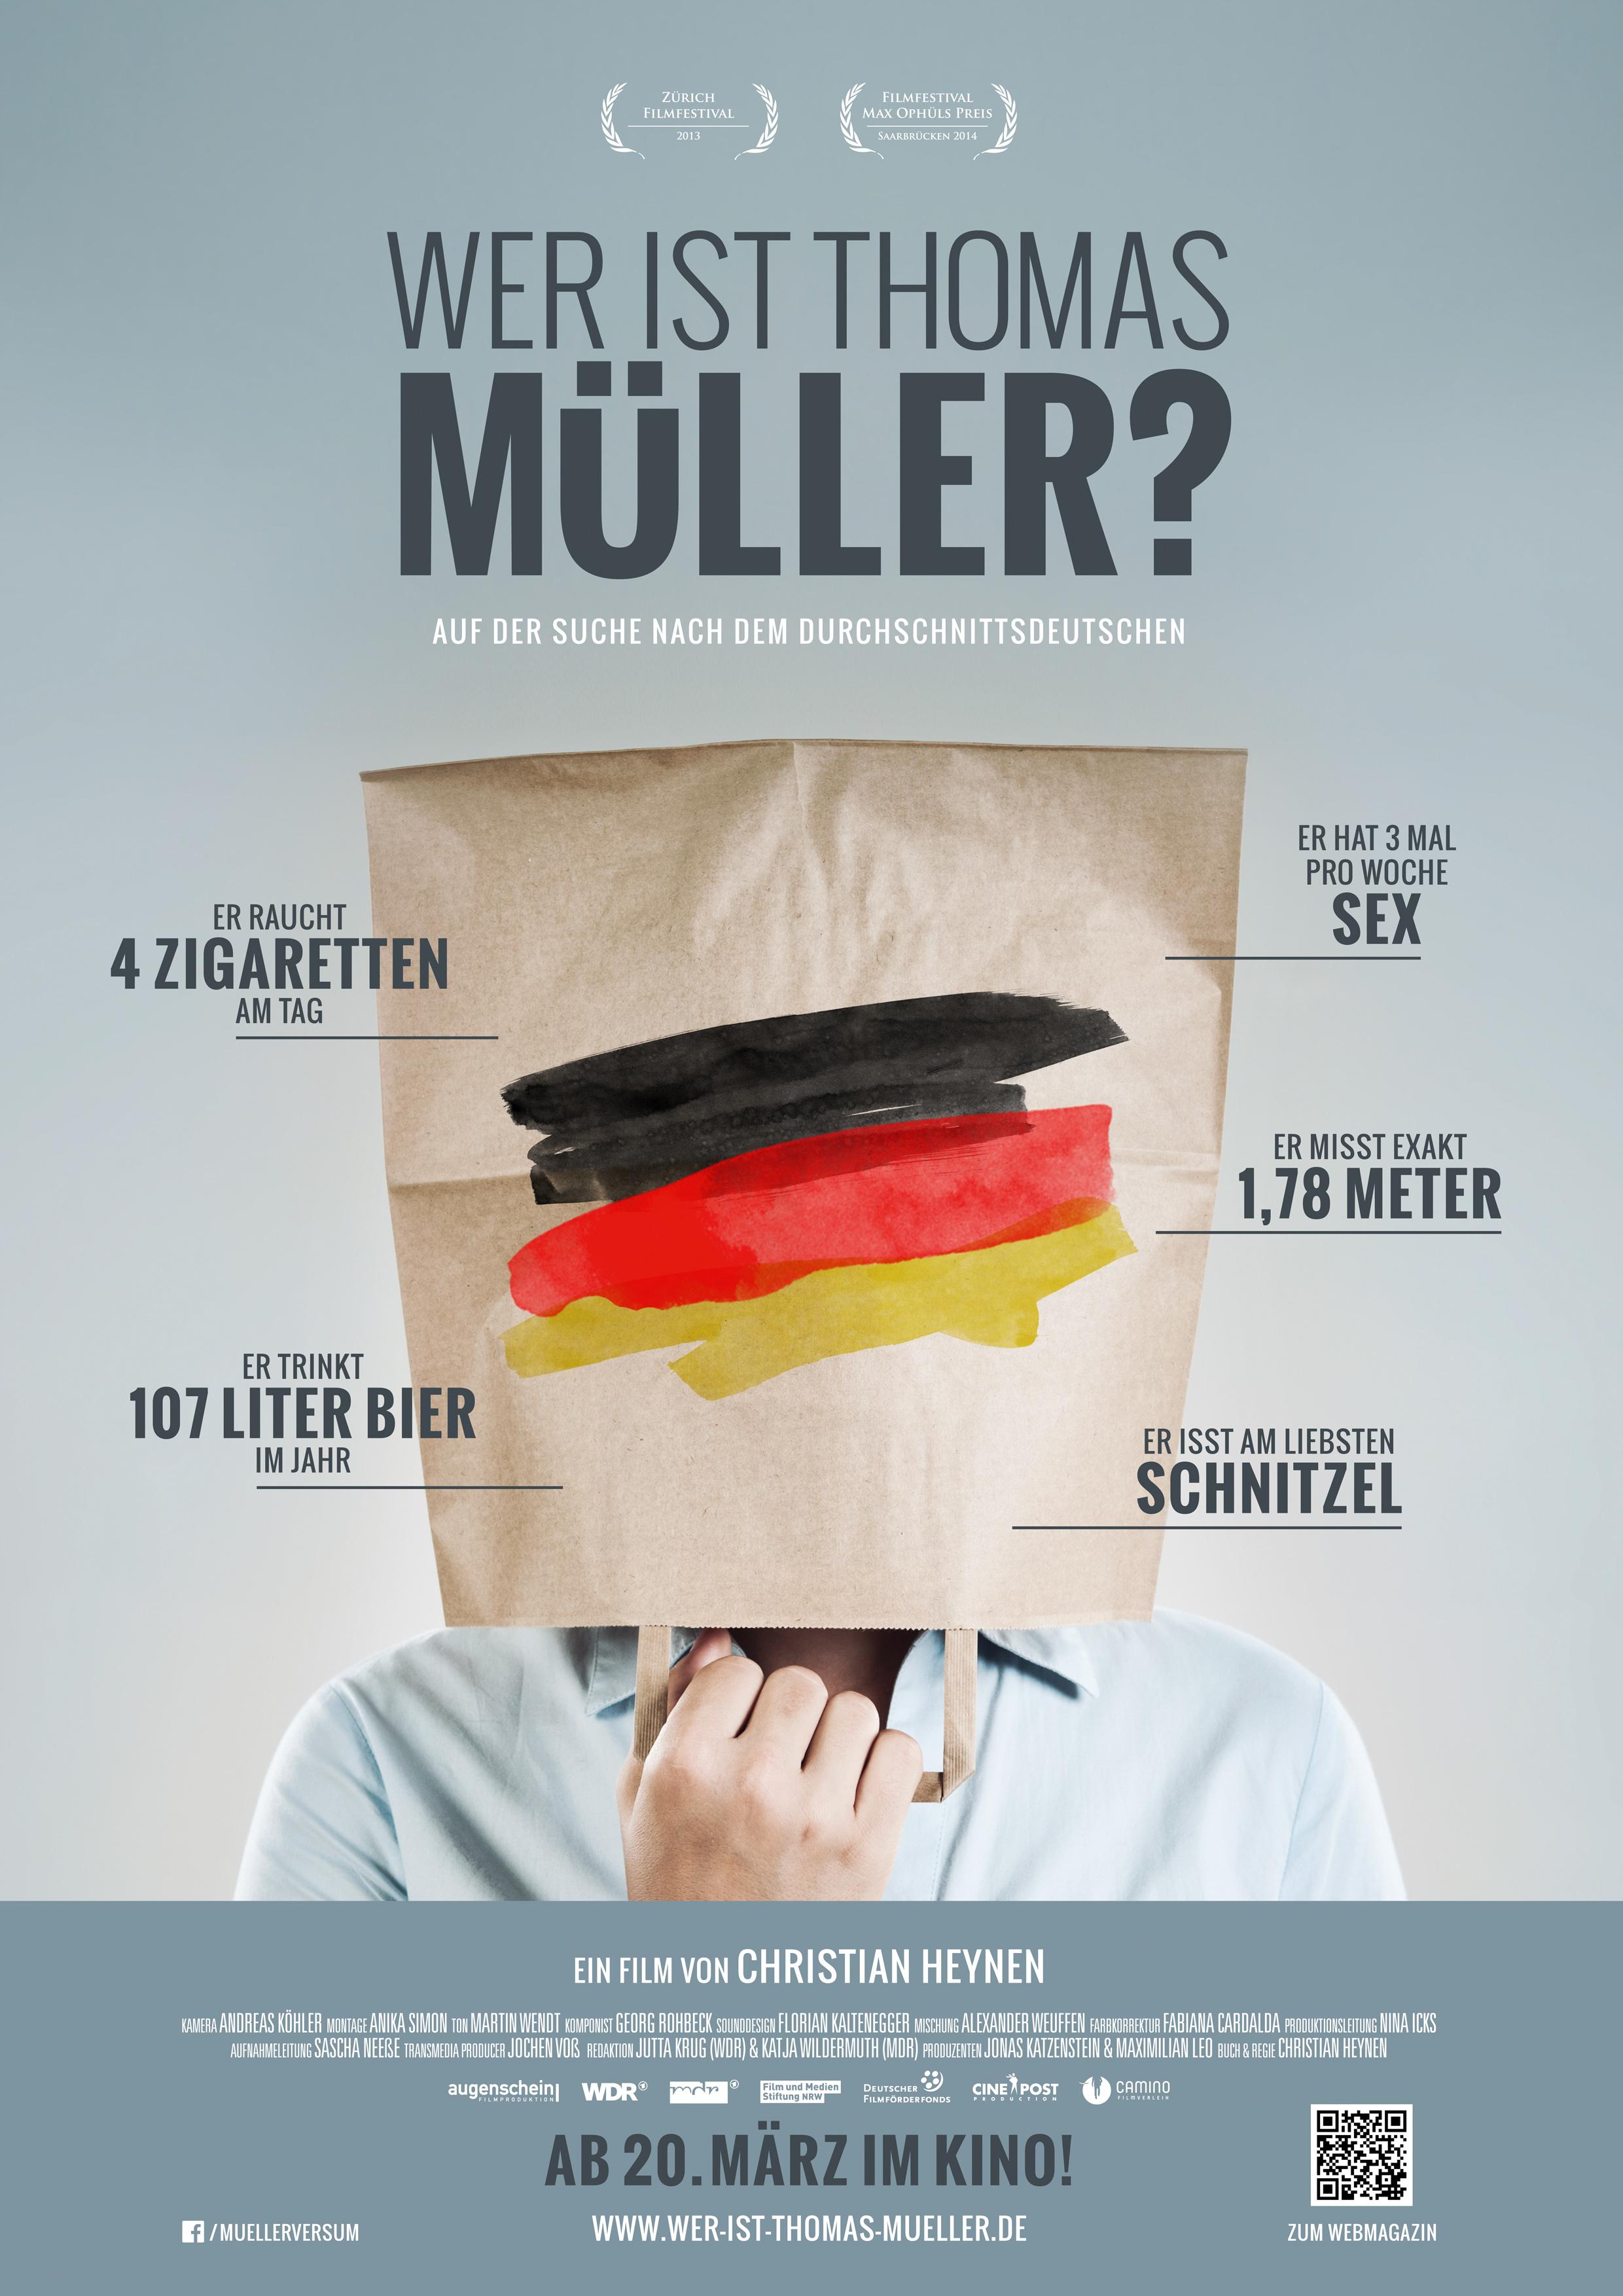 Jonas Katzenstein - Wer_ist_Thomas_Müller.jpg